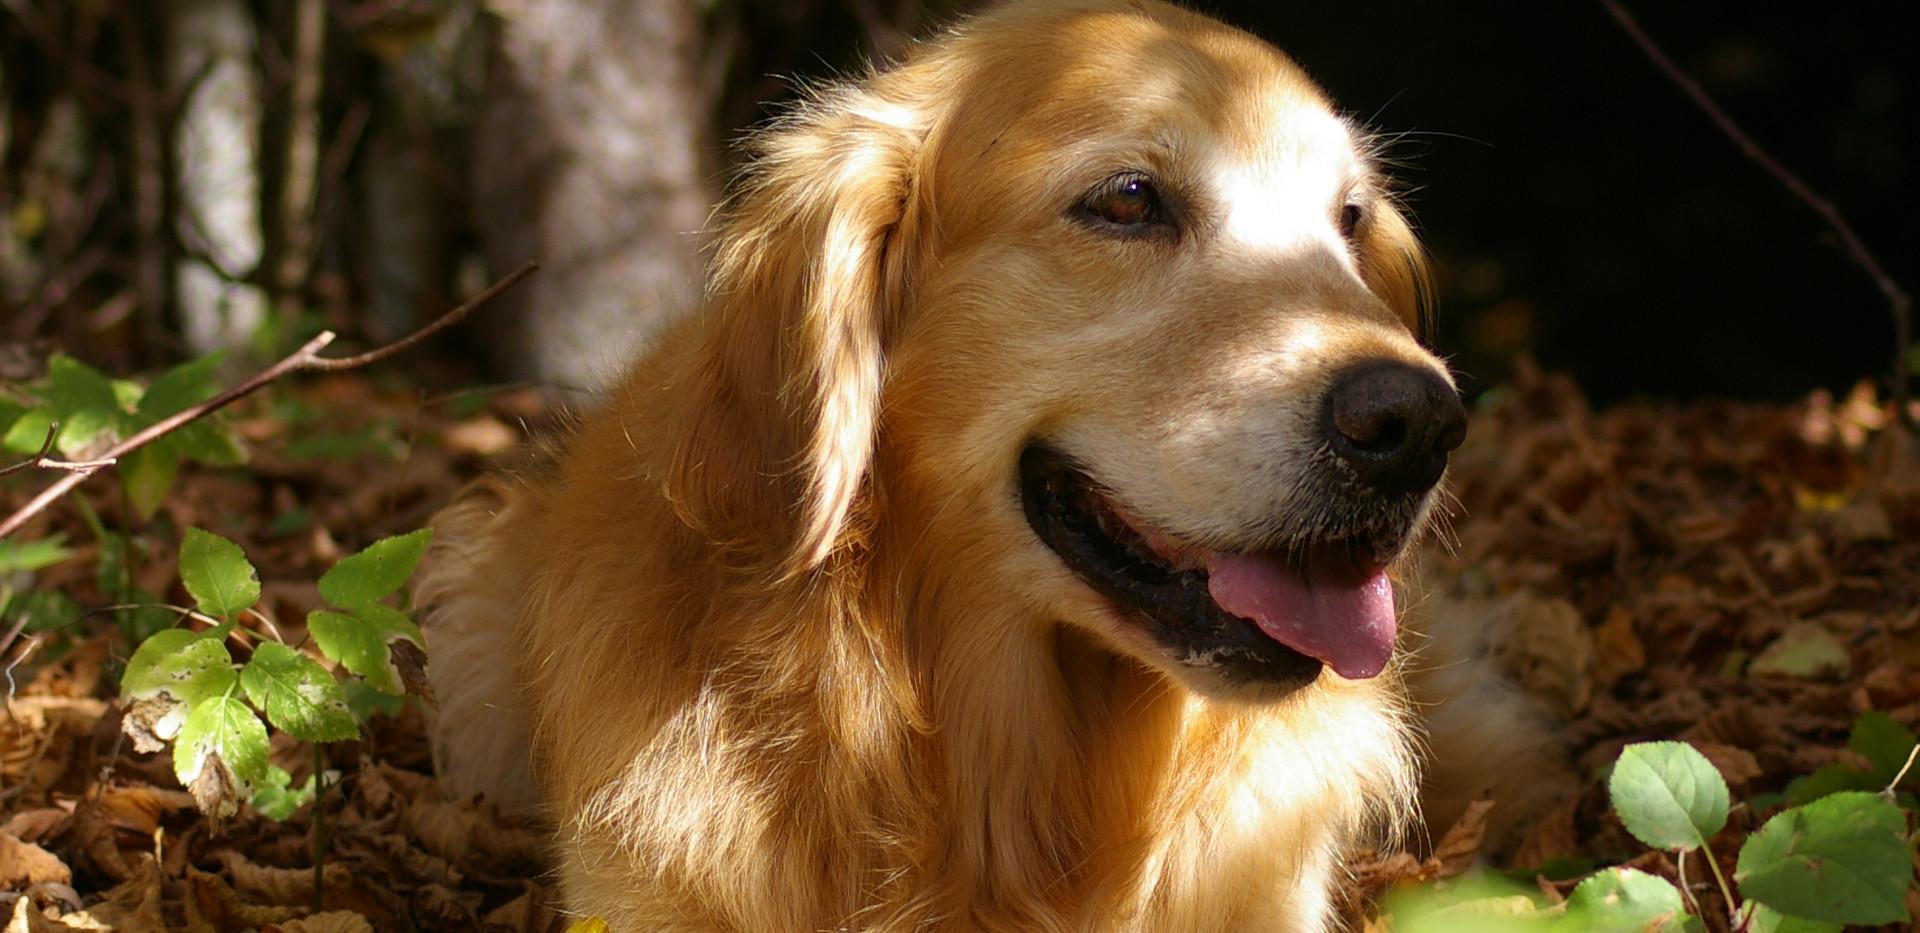 Worte können nicht ausdrücken, wie sehr ich diesen Hund liebe - Winnie